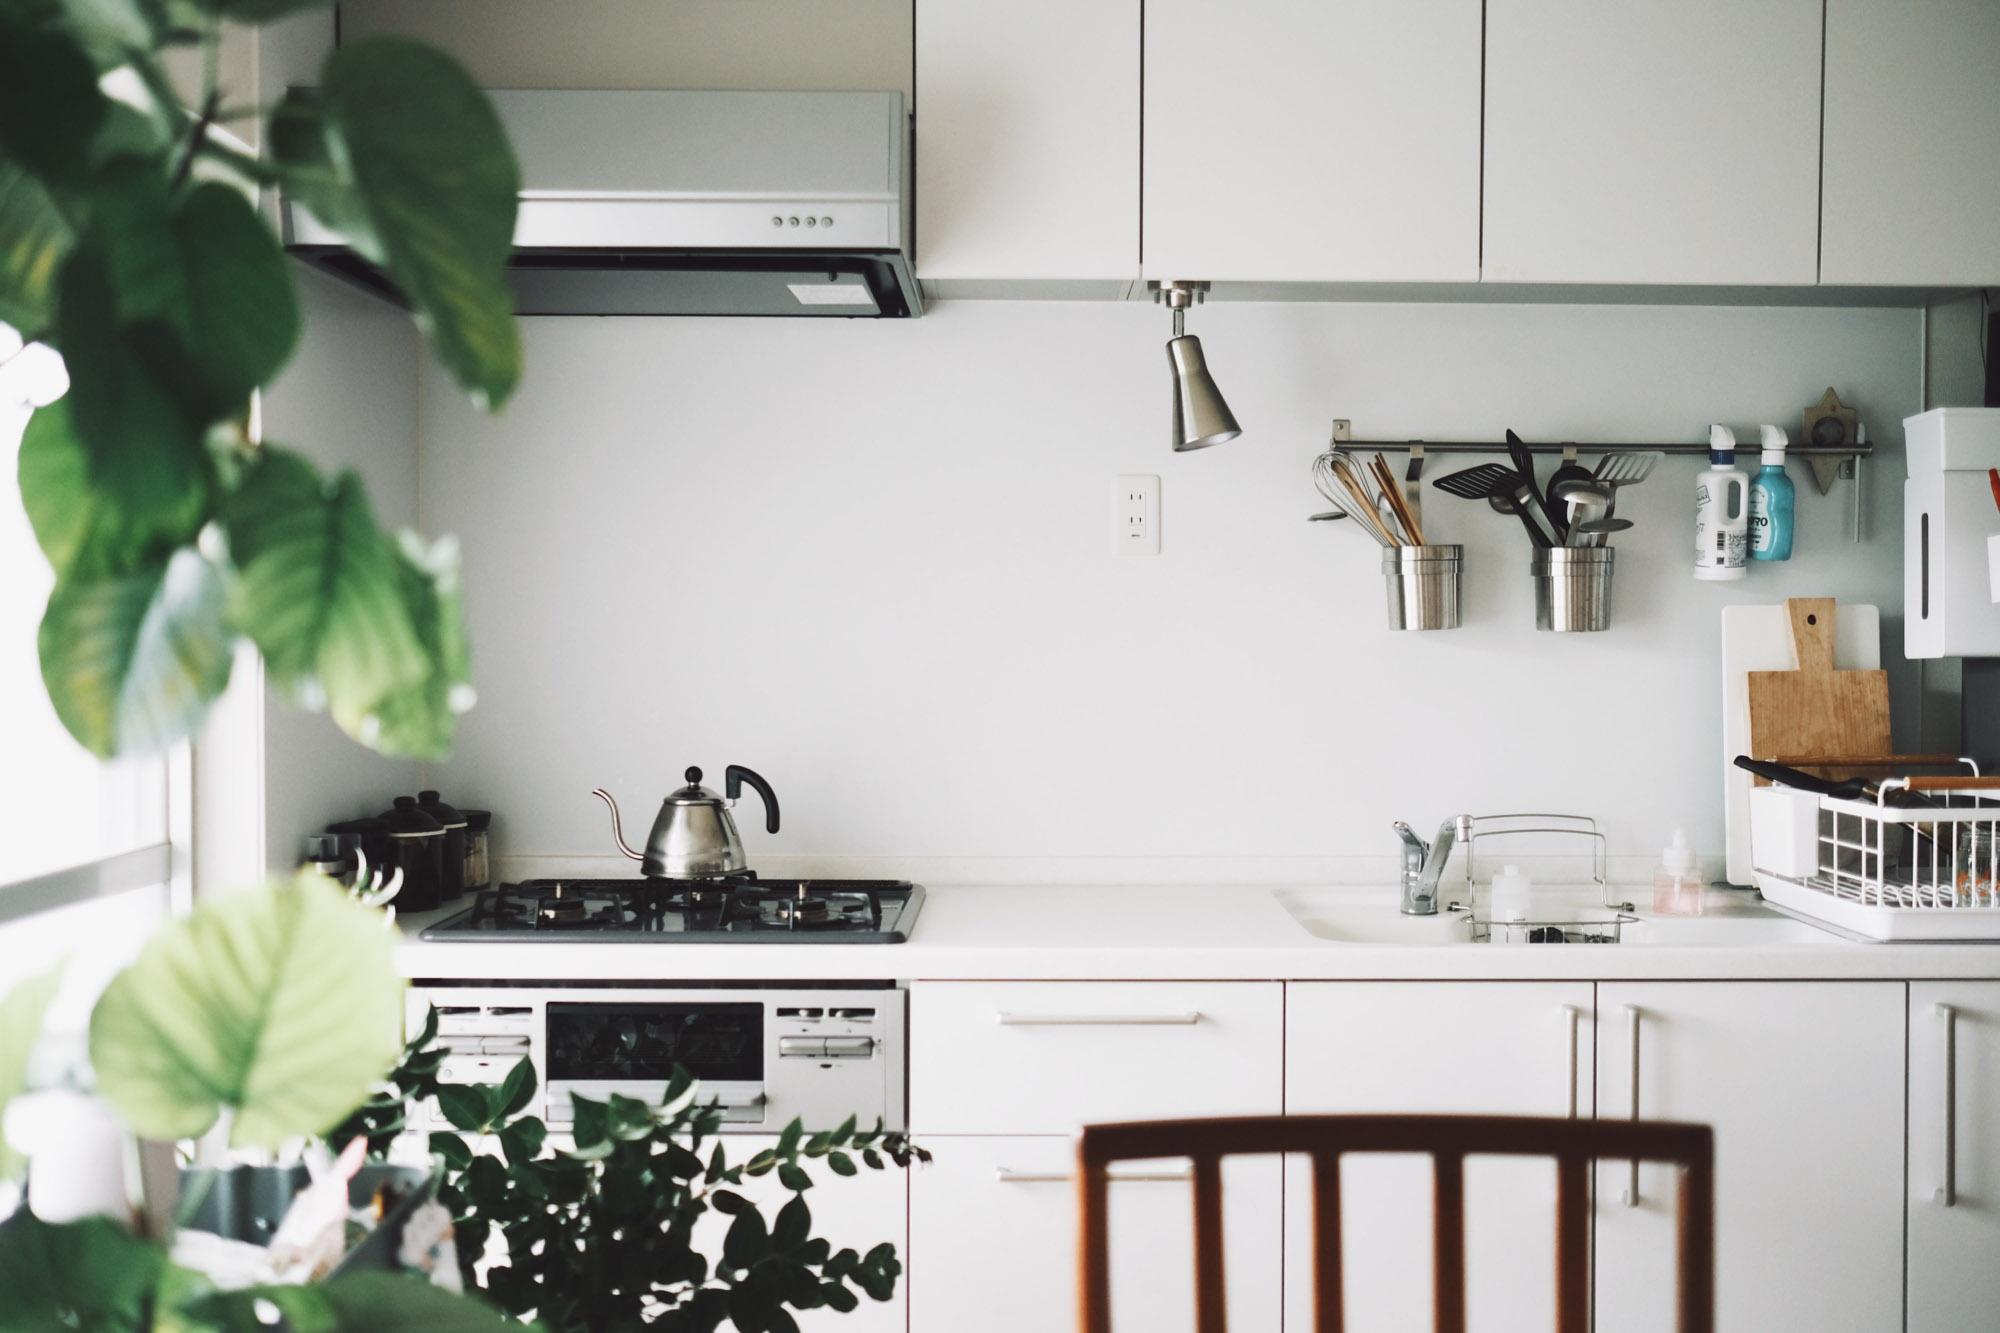 古い団地といっても、室内は使い勝手良く、リノベーションされています。白で統一されたキッチンもお気に入り。